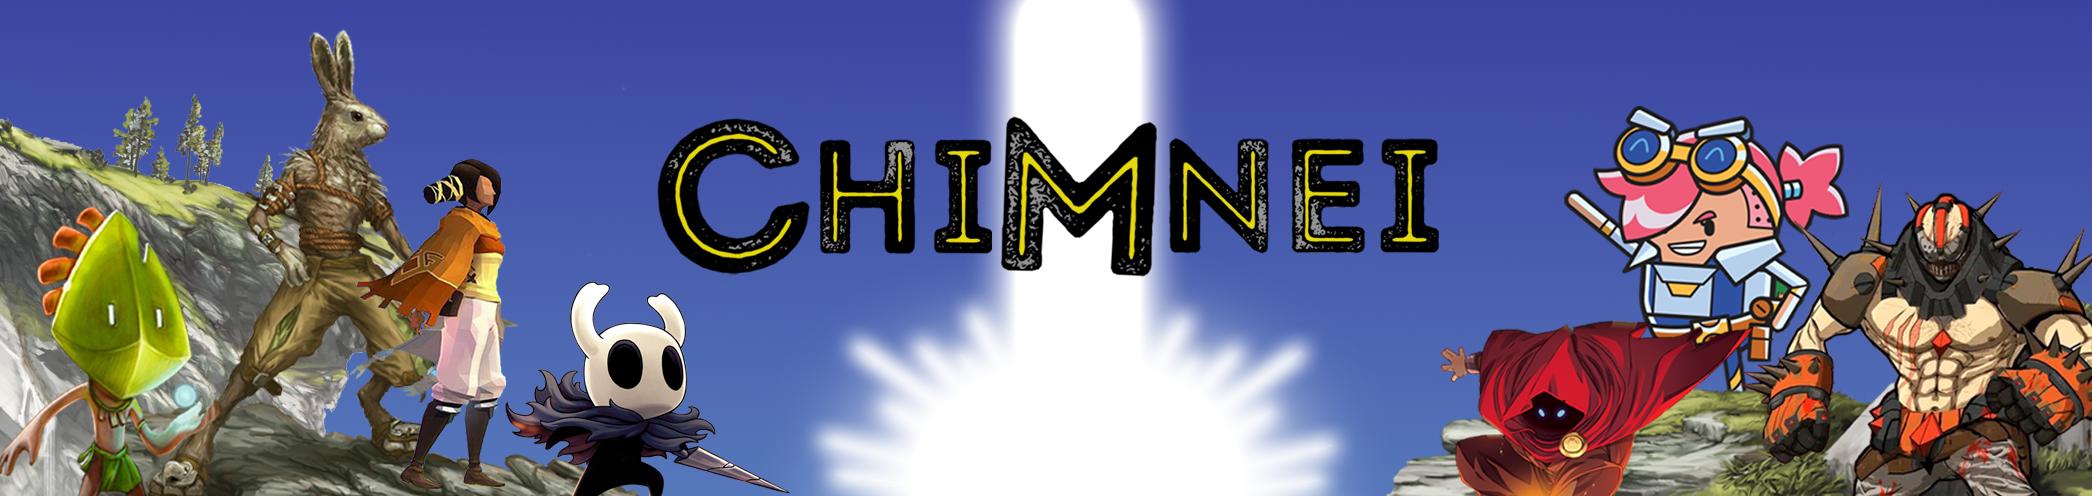 Chimnei - reviews de jeux indies